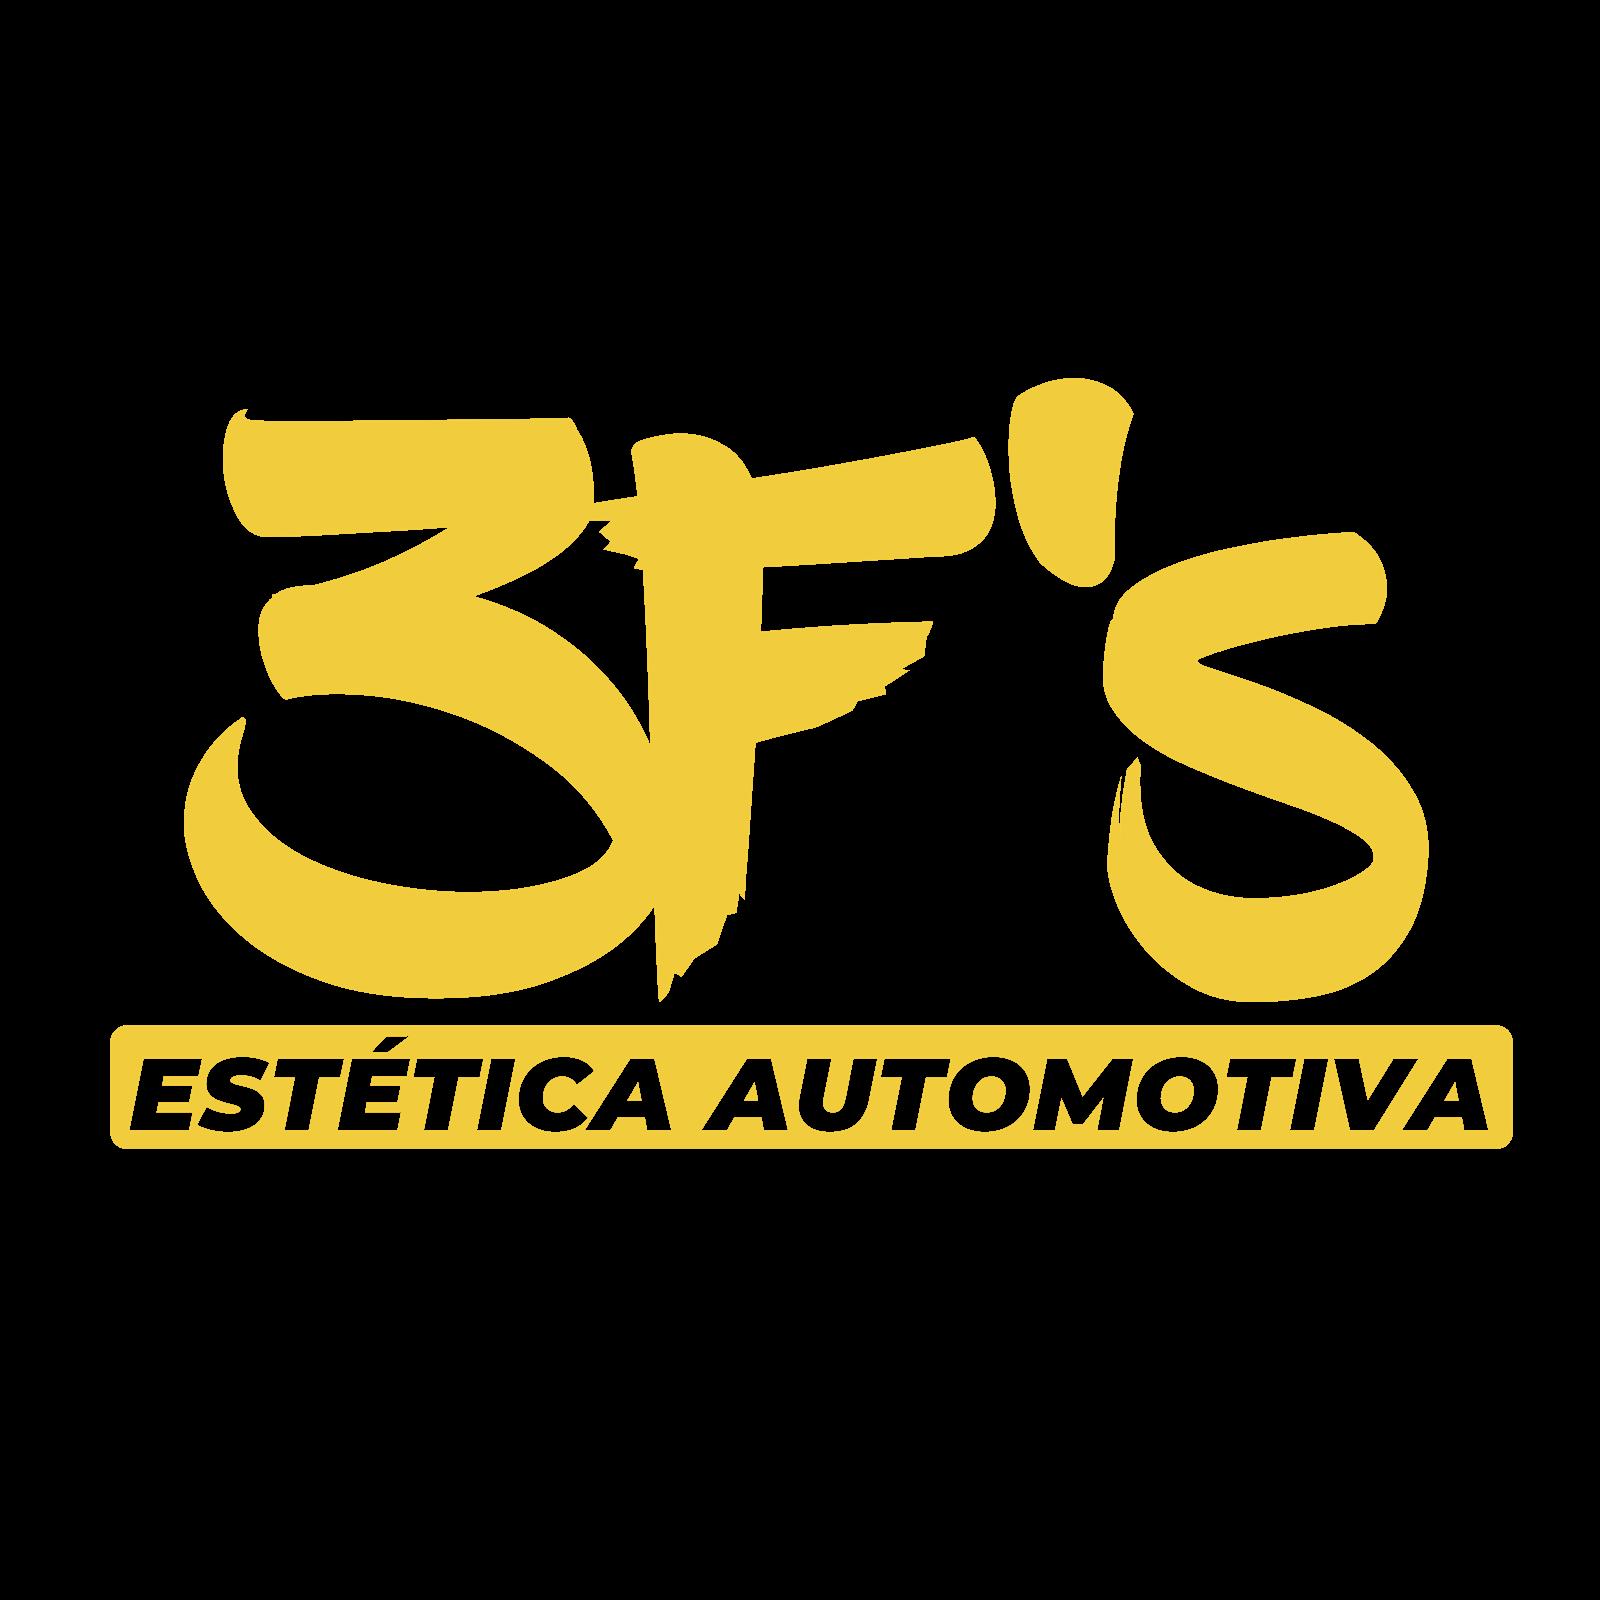 3Fs Estética Automotiva